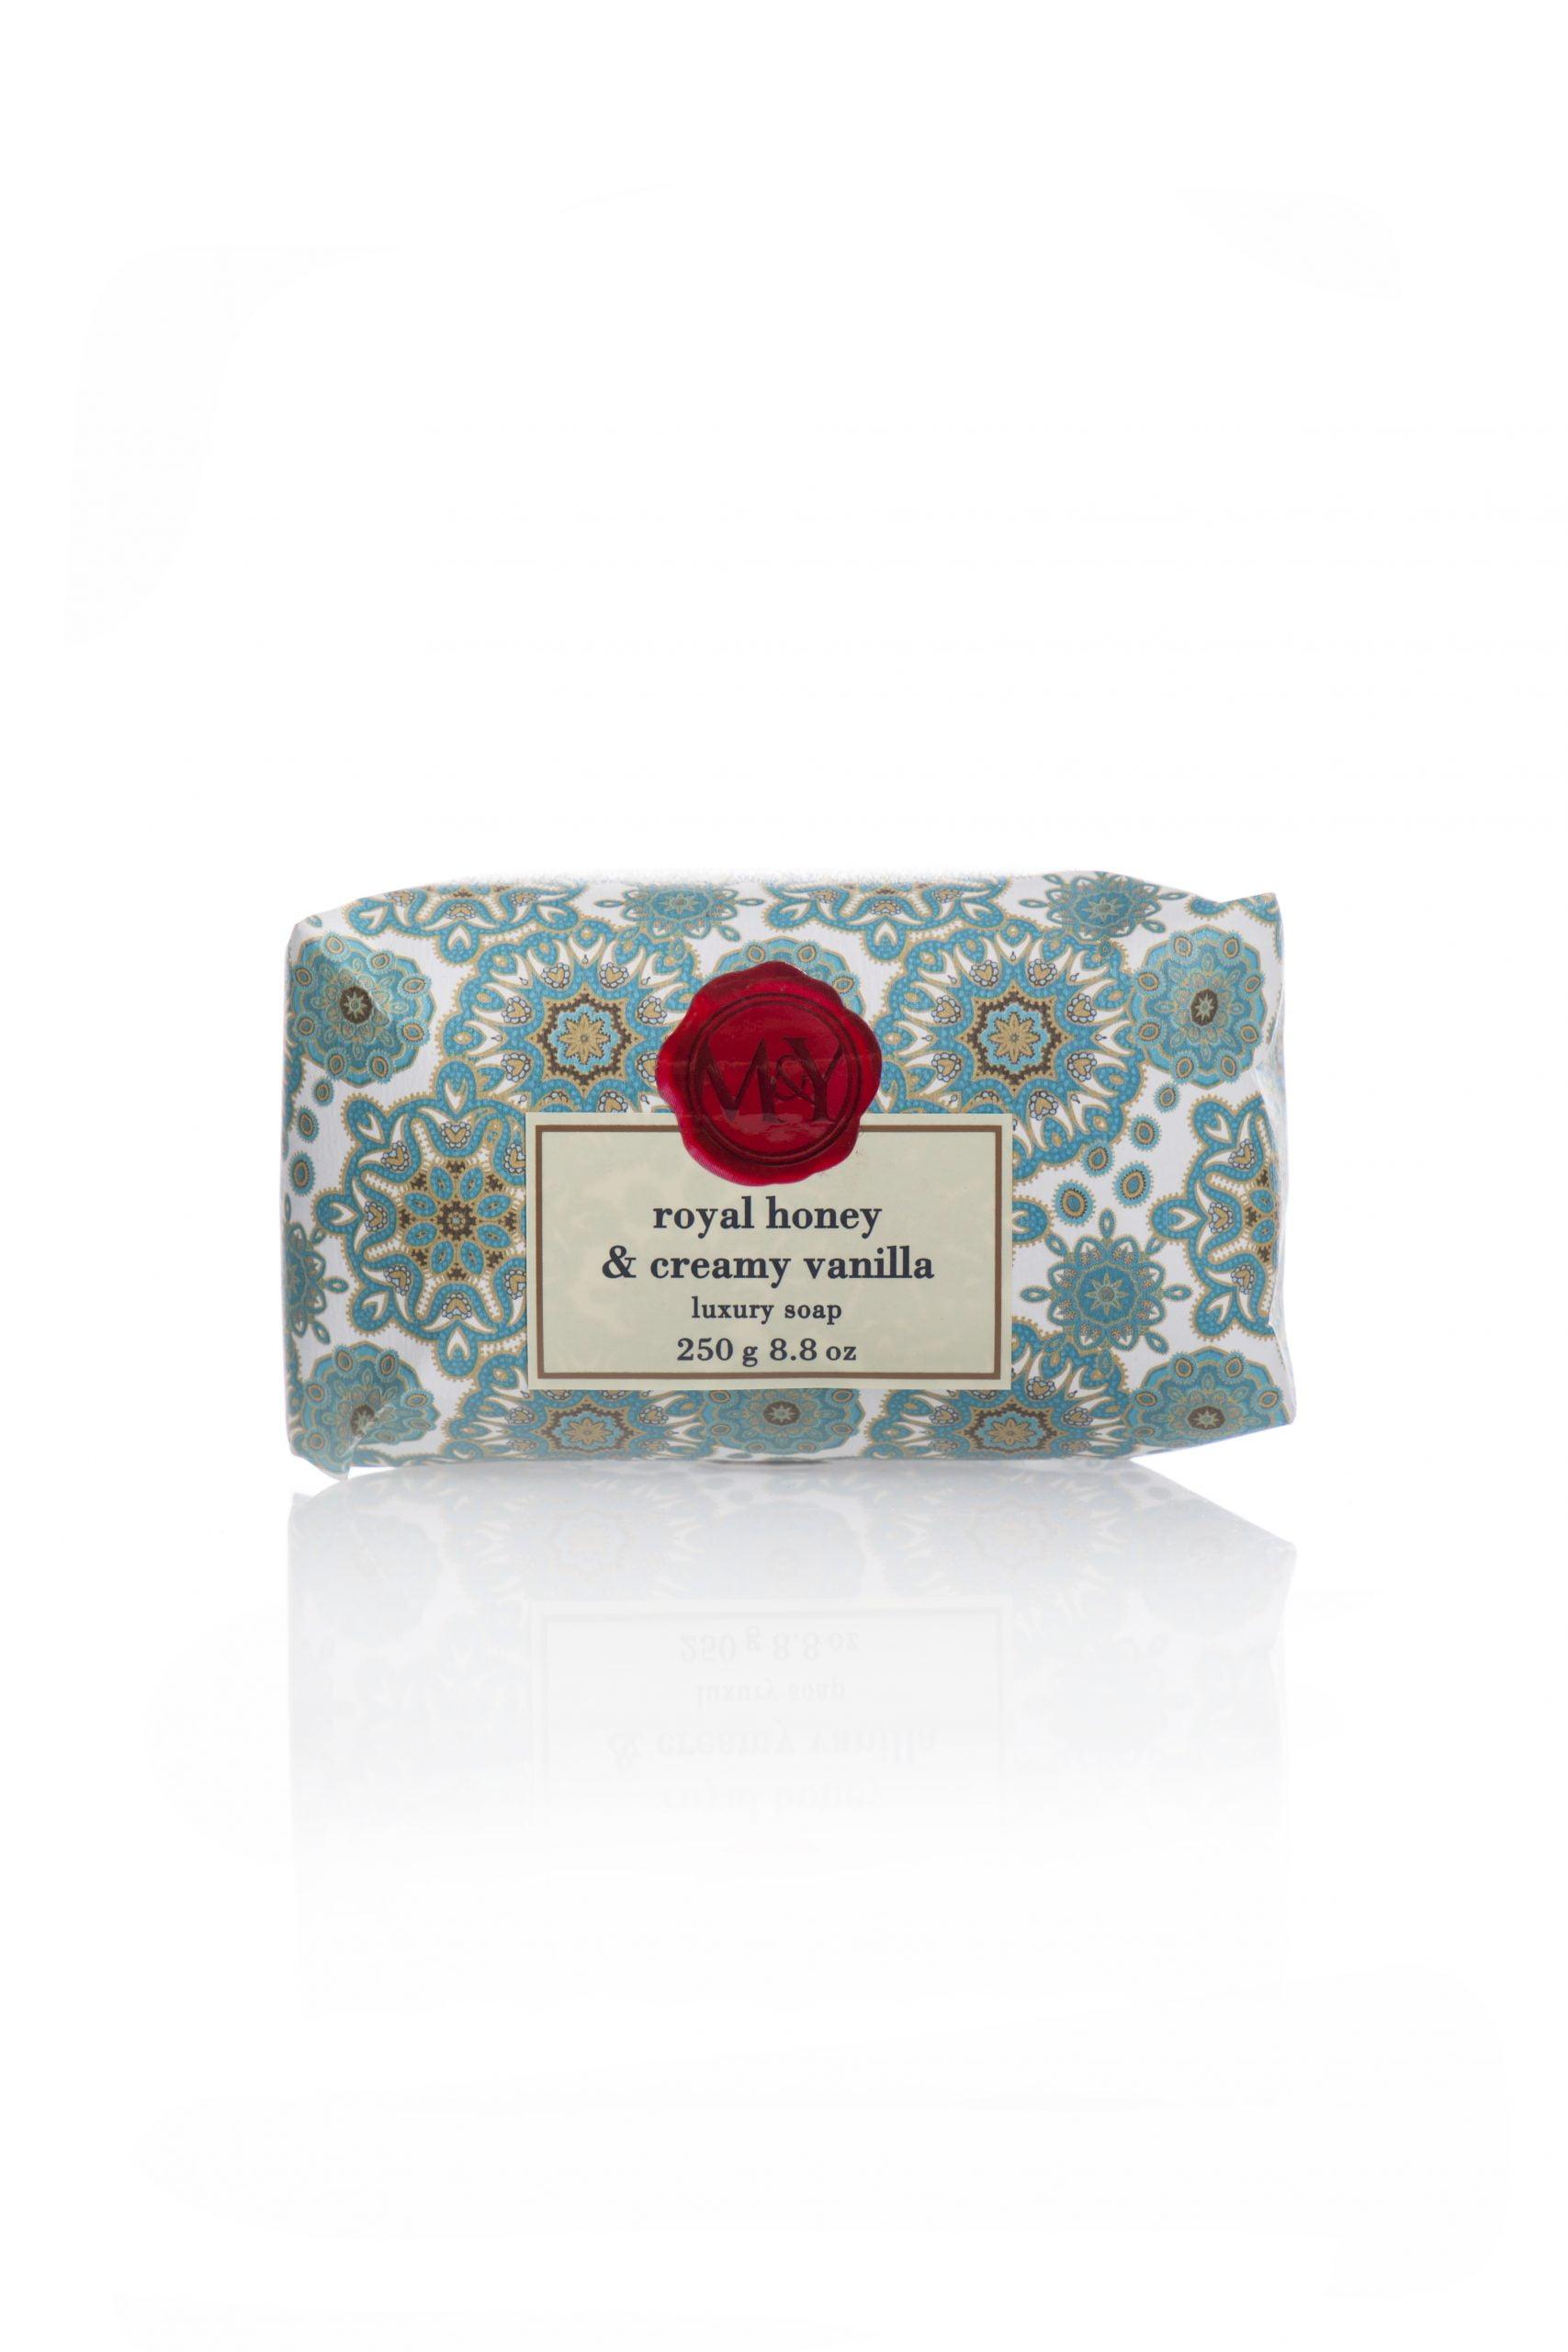 MY-Royal-Honey-Creamy-Vanilla-250g-Luxury-Soap-scaled-1.jpg